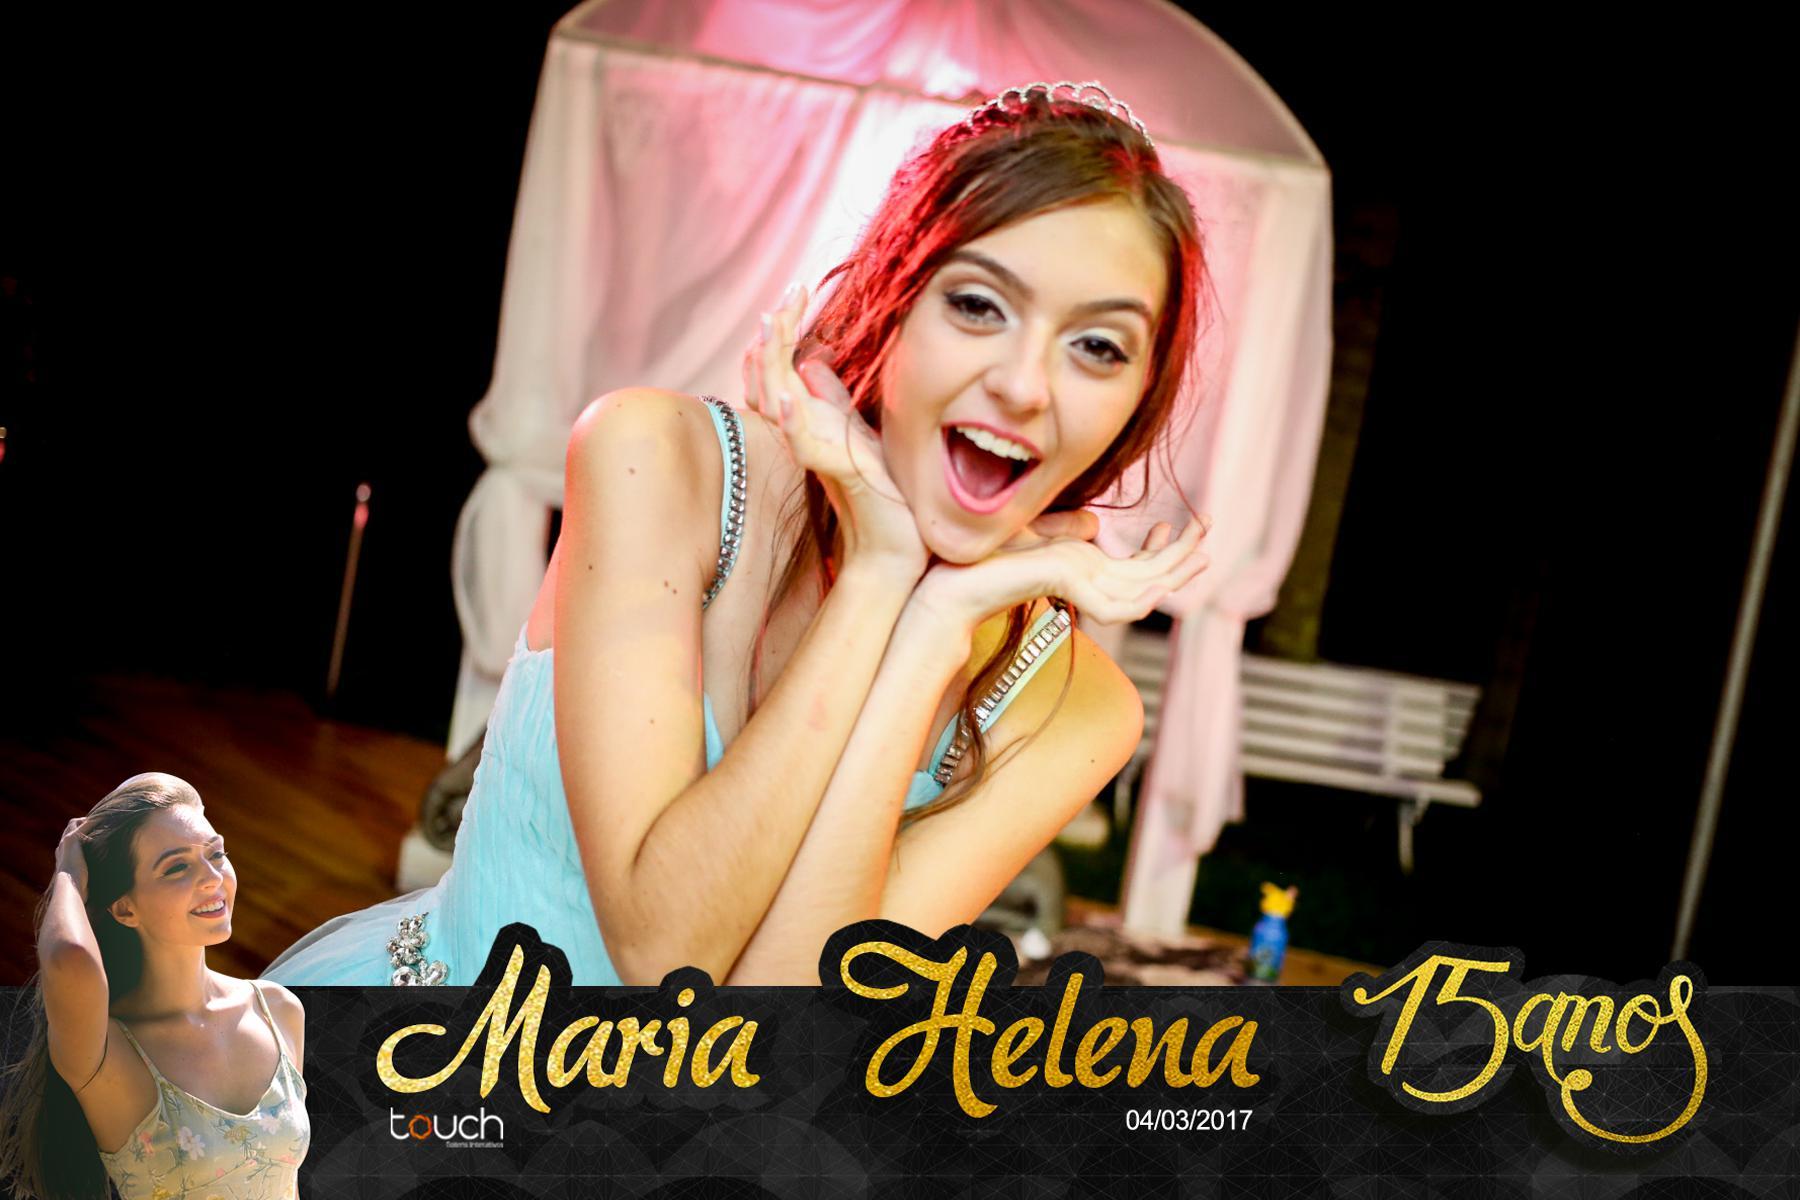 15 Anos Maria Helena